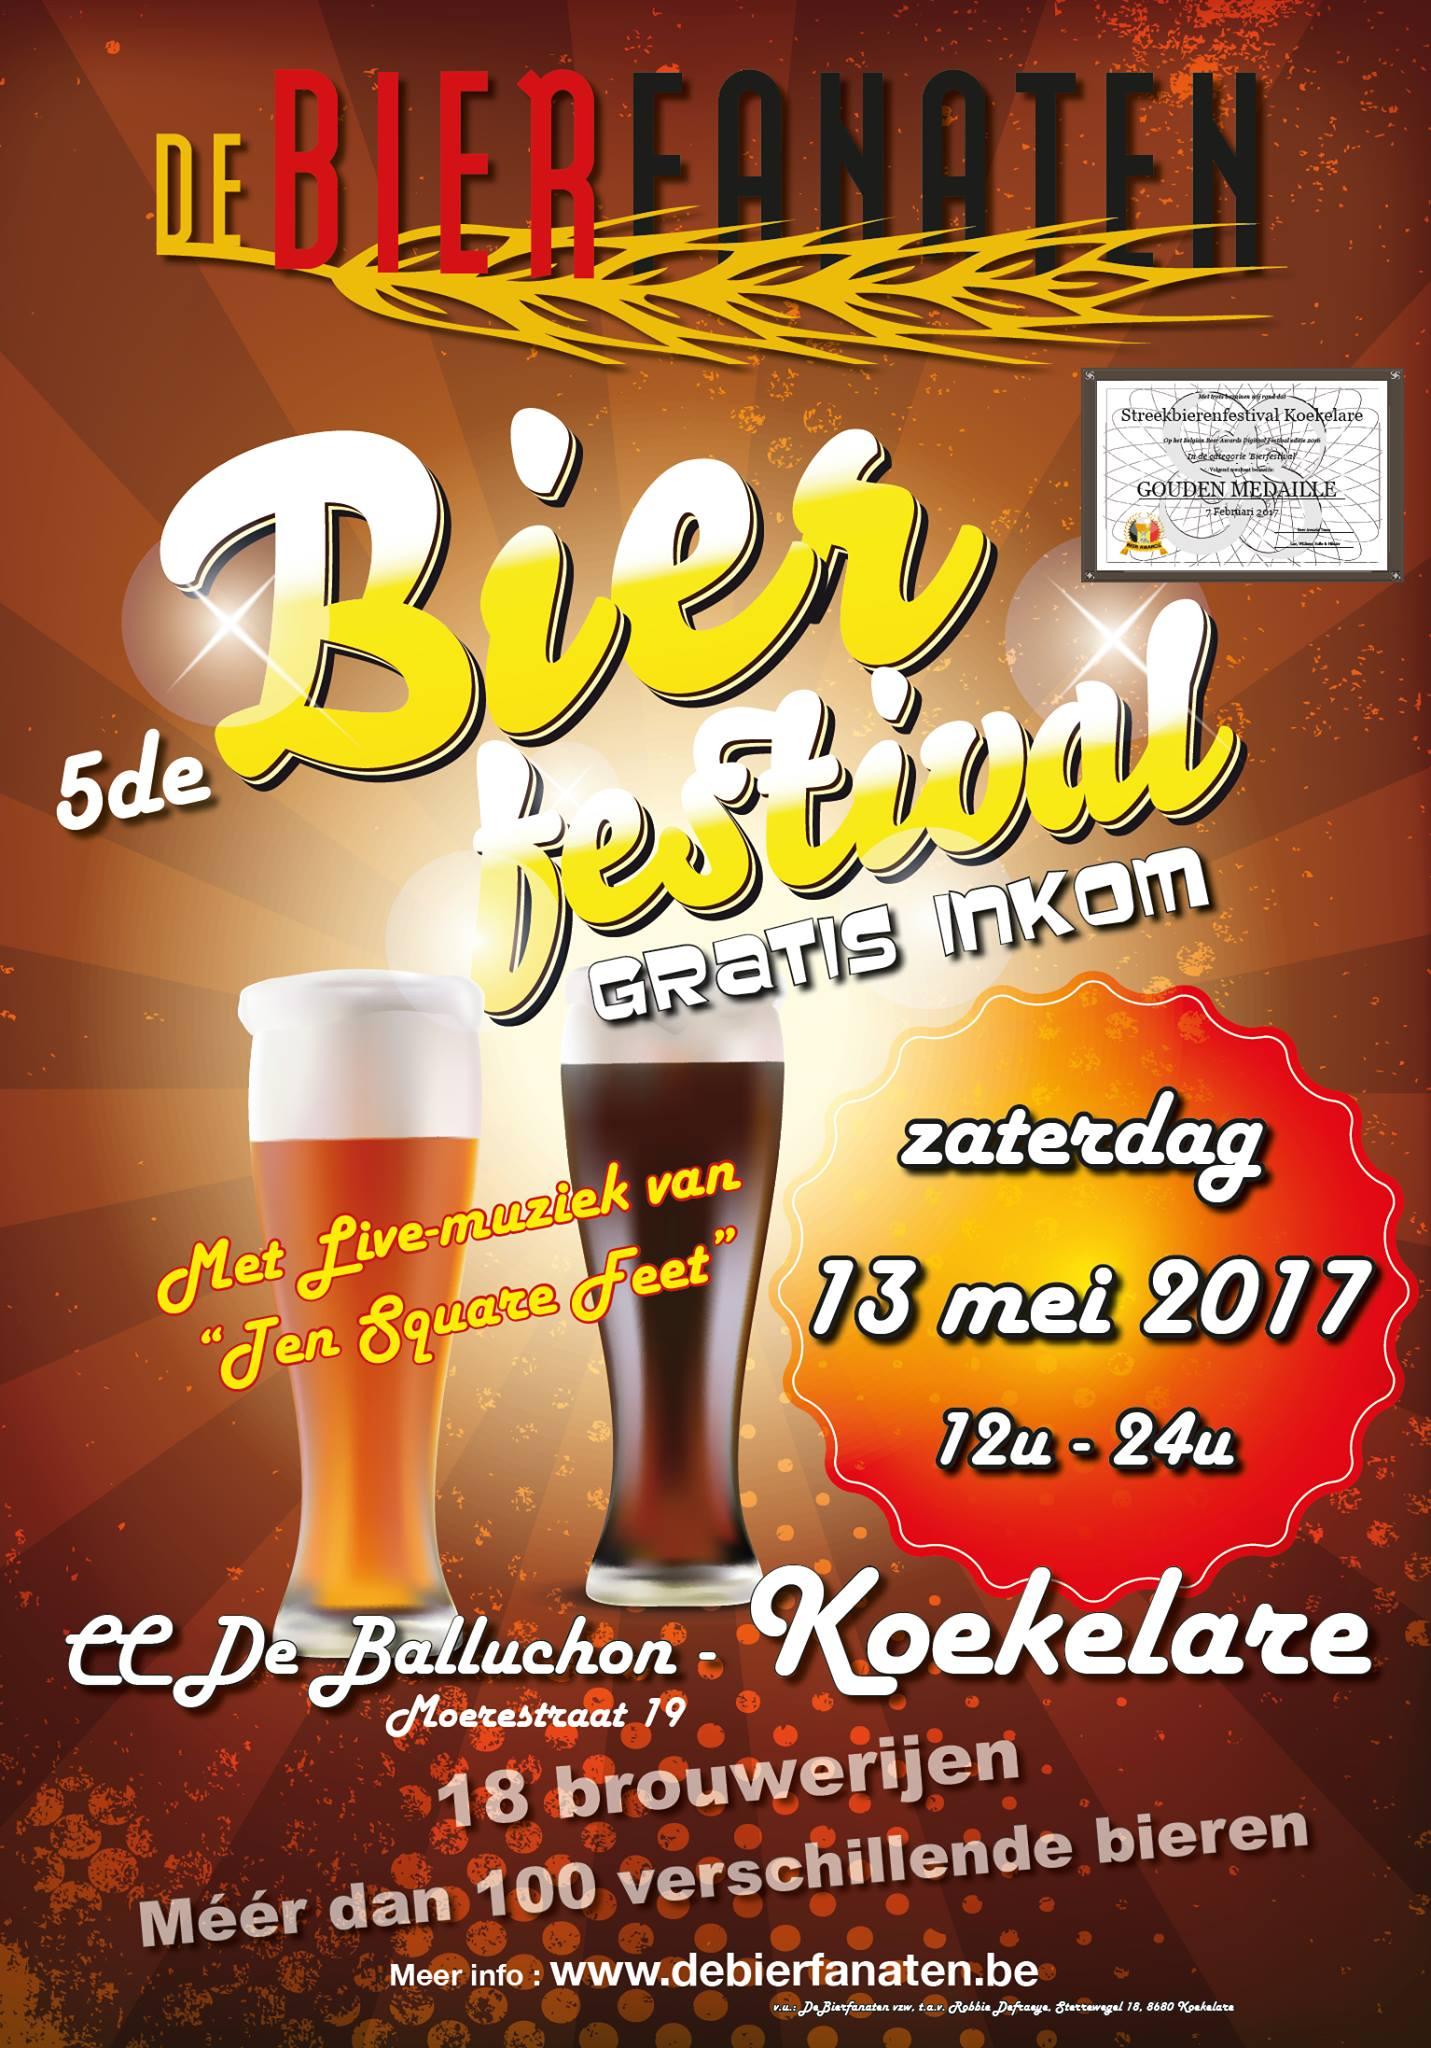 vzw De Bierfanaten Streekbierenfestival 2017